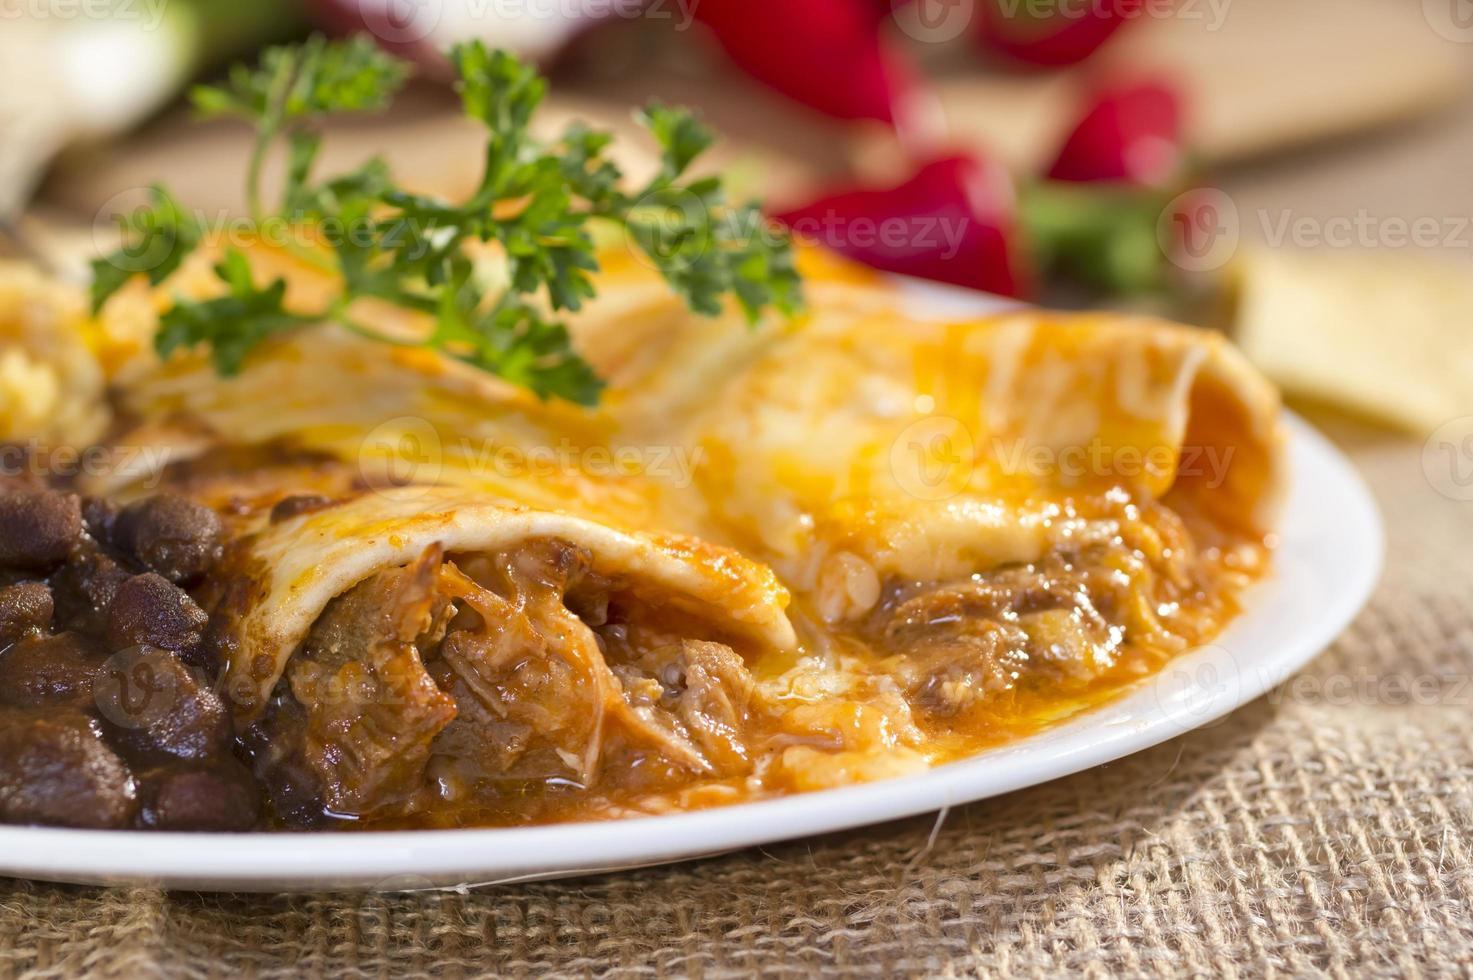 sydvästra nötkött enchilada. foto